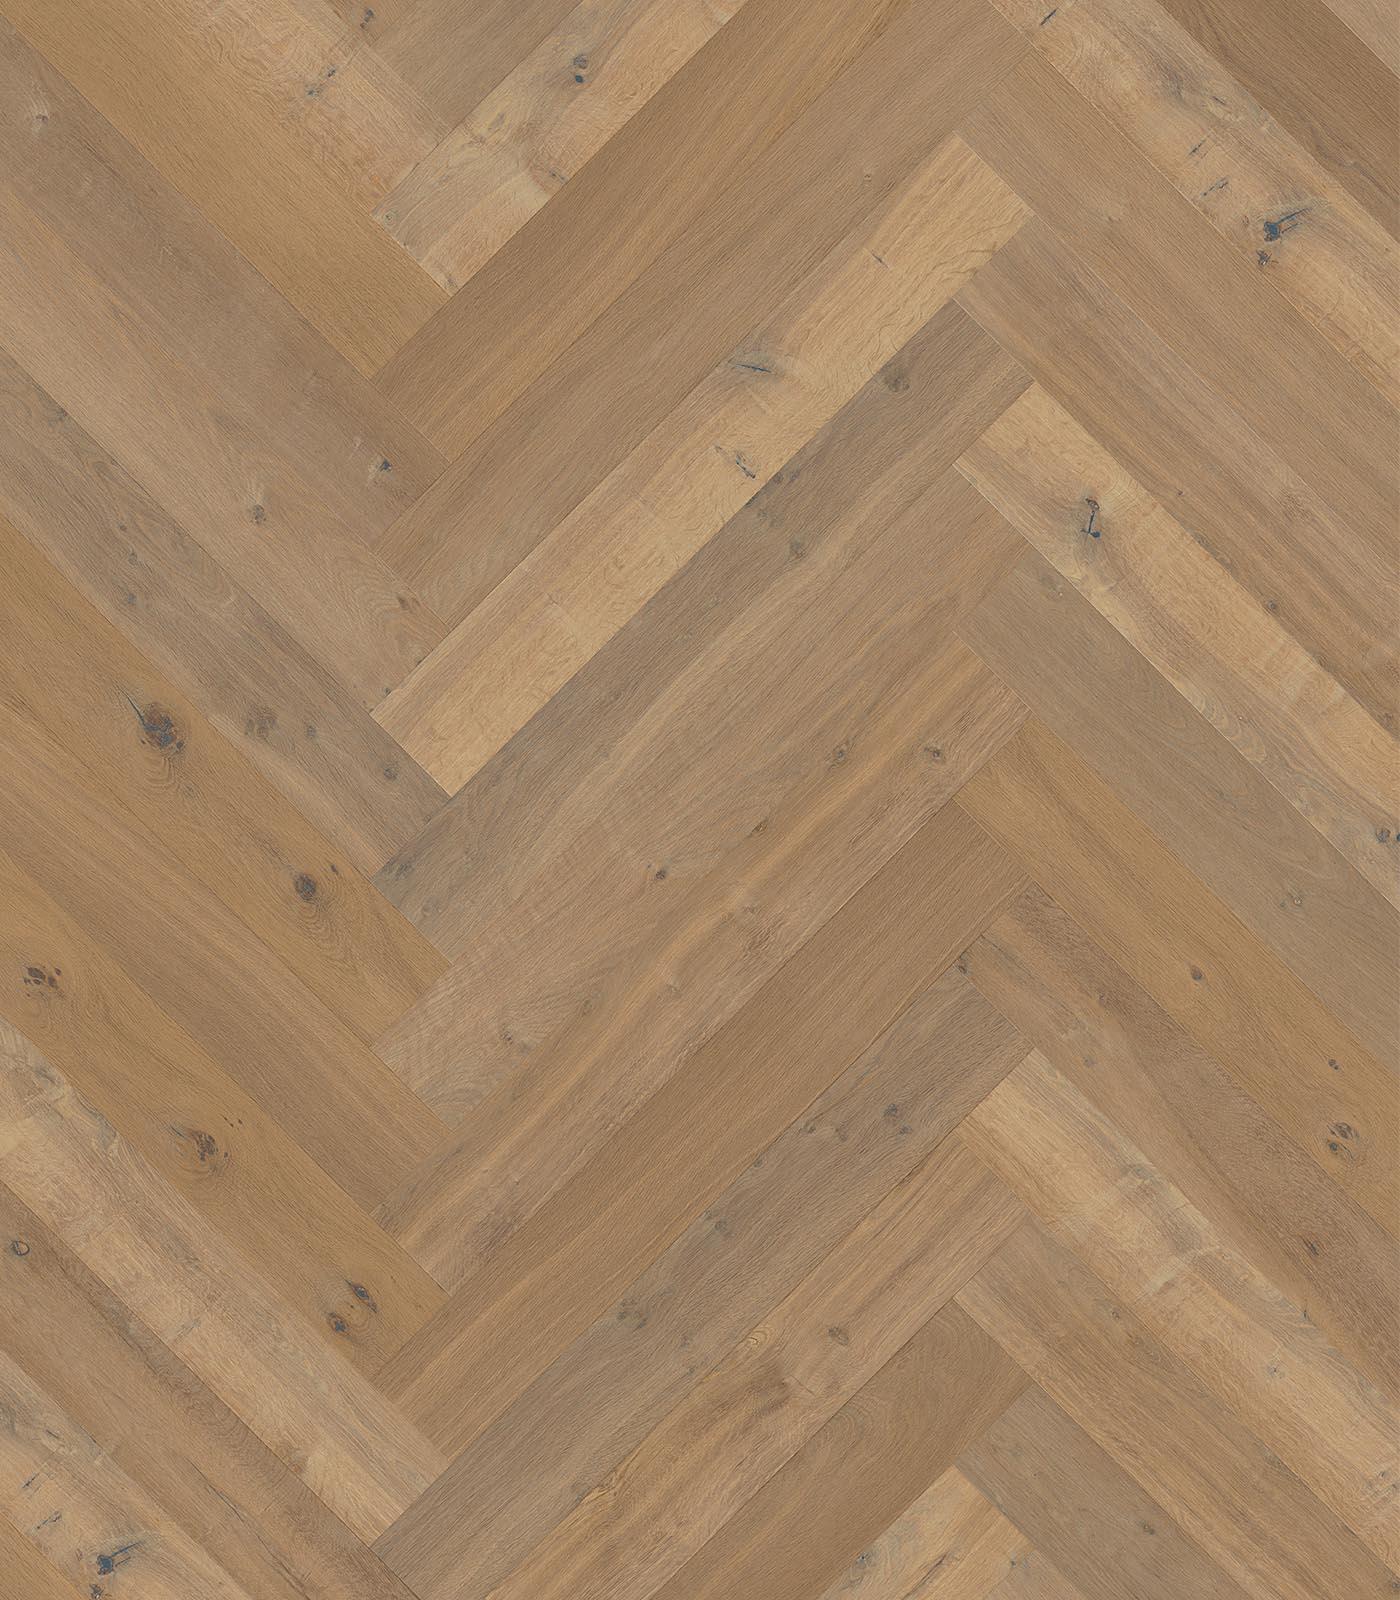 Fashion Collection-Herringbone-St Moritz-Western European oak flooring-flat